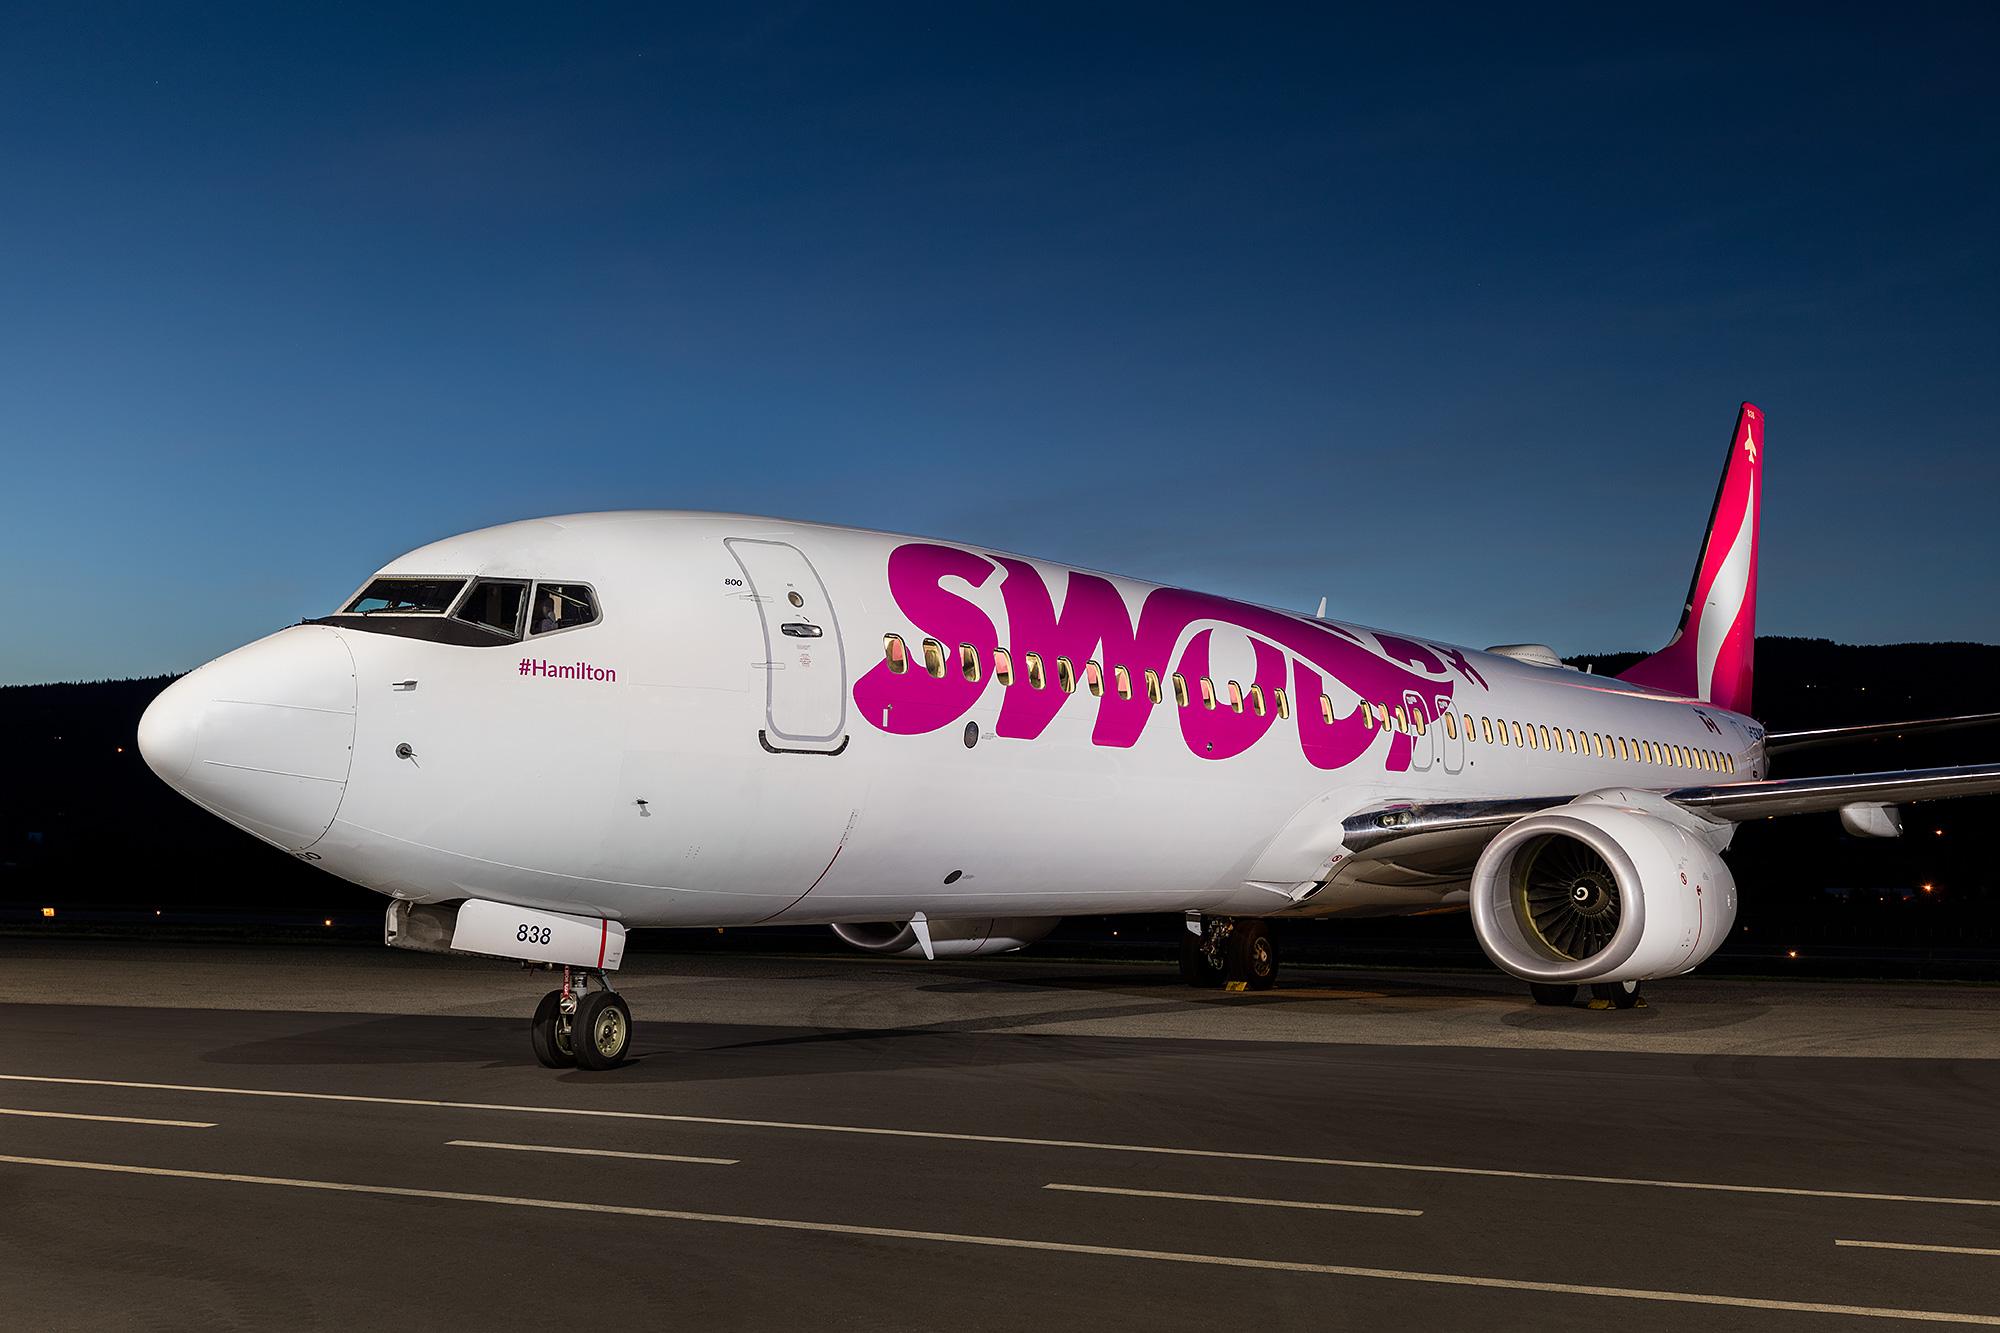 Swoop cumple su primer año de operaciones